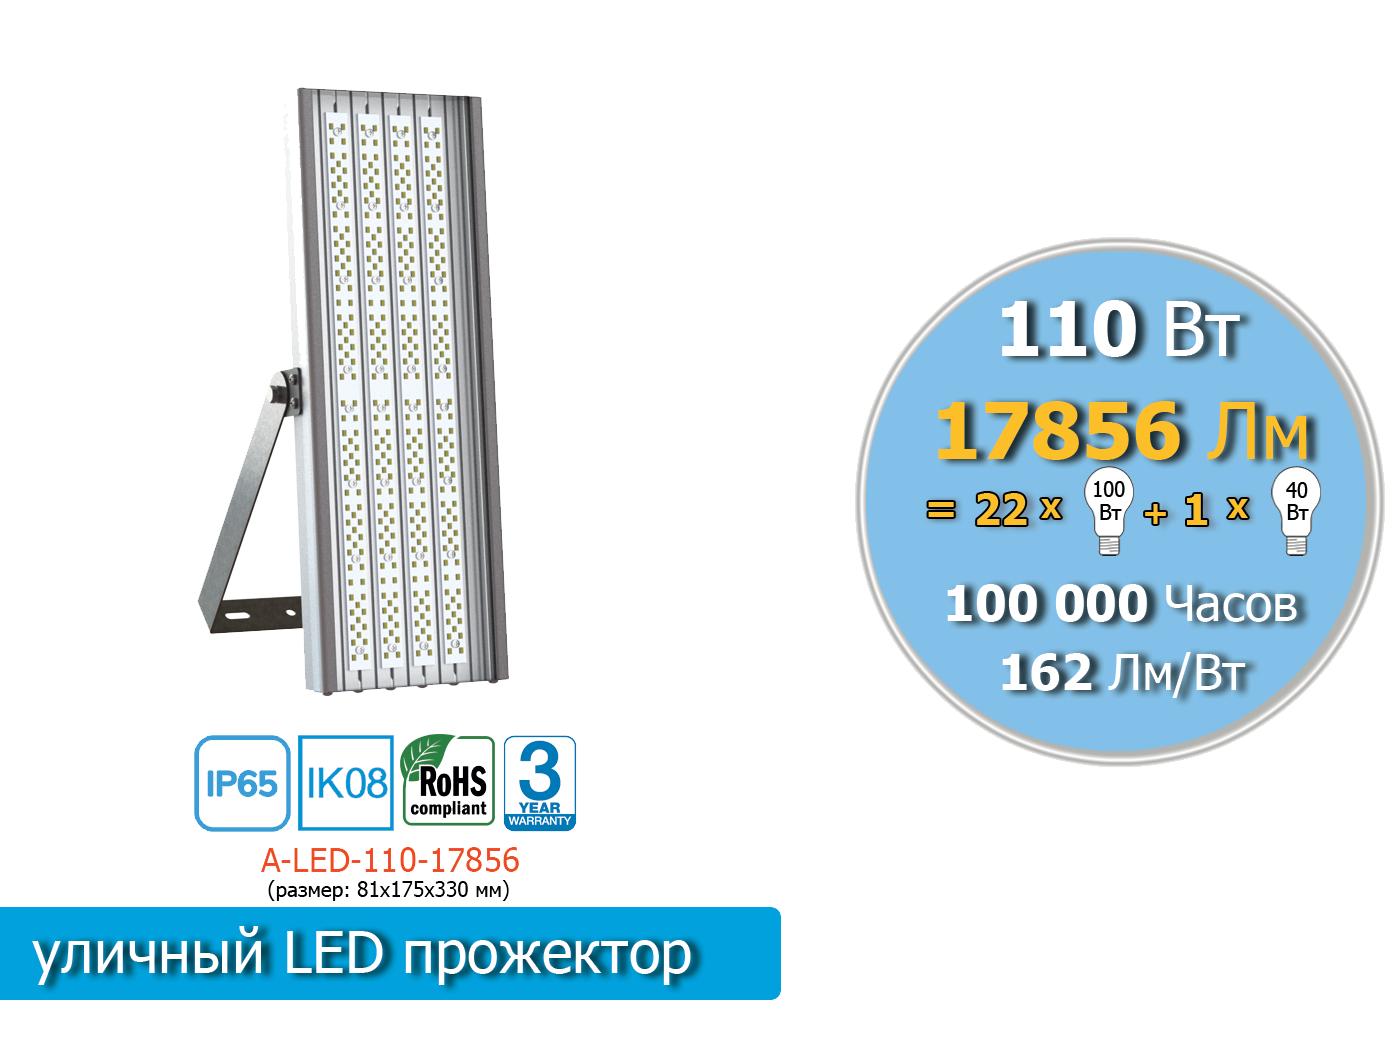 A-LED-110-17856-P